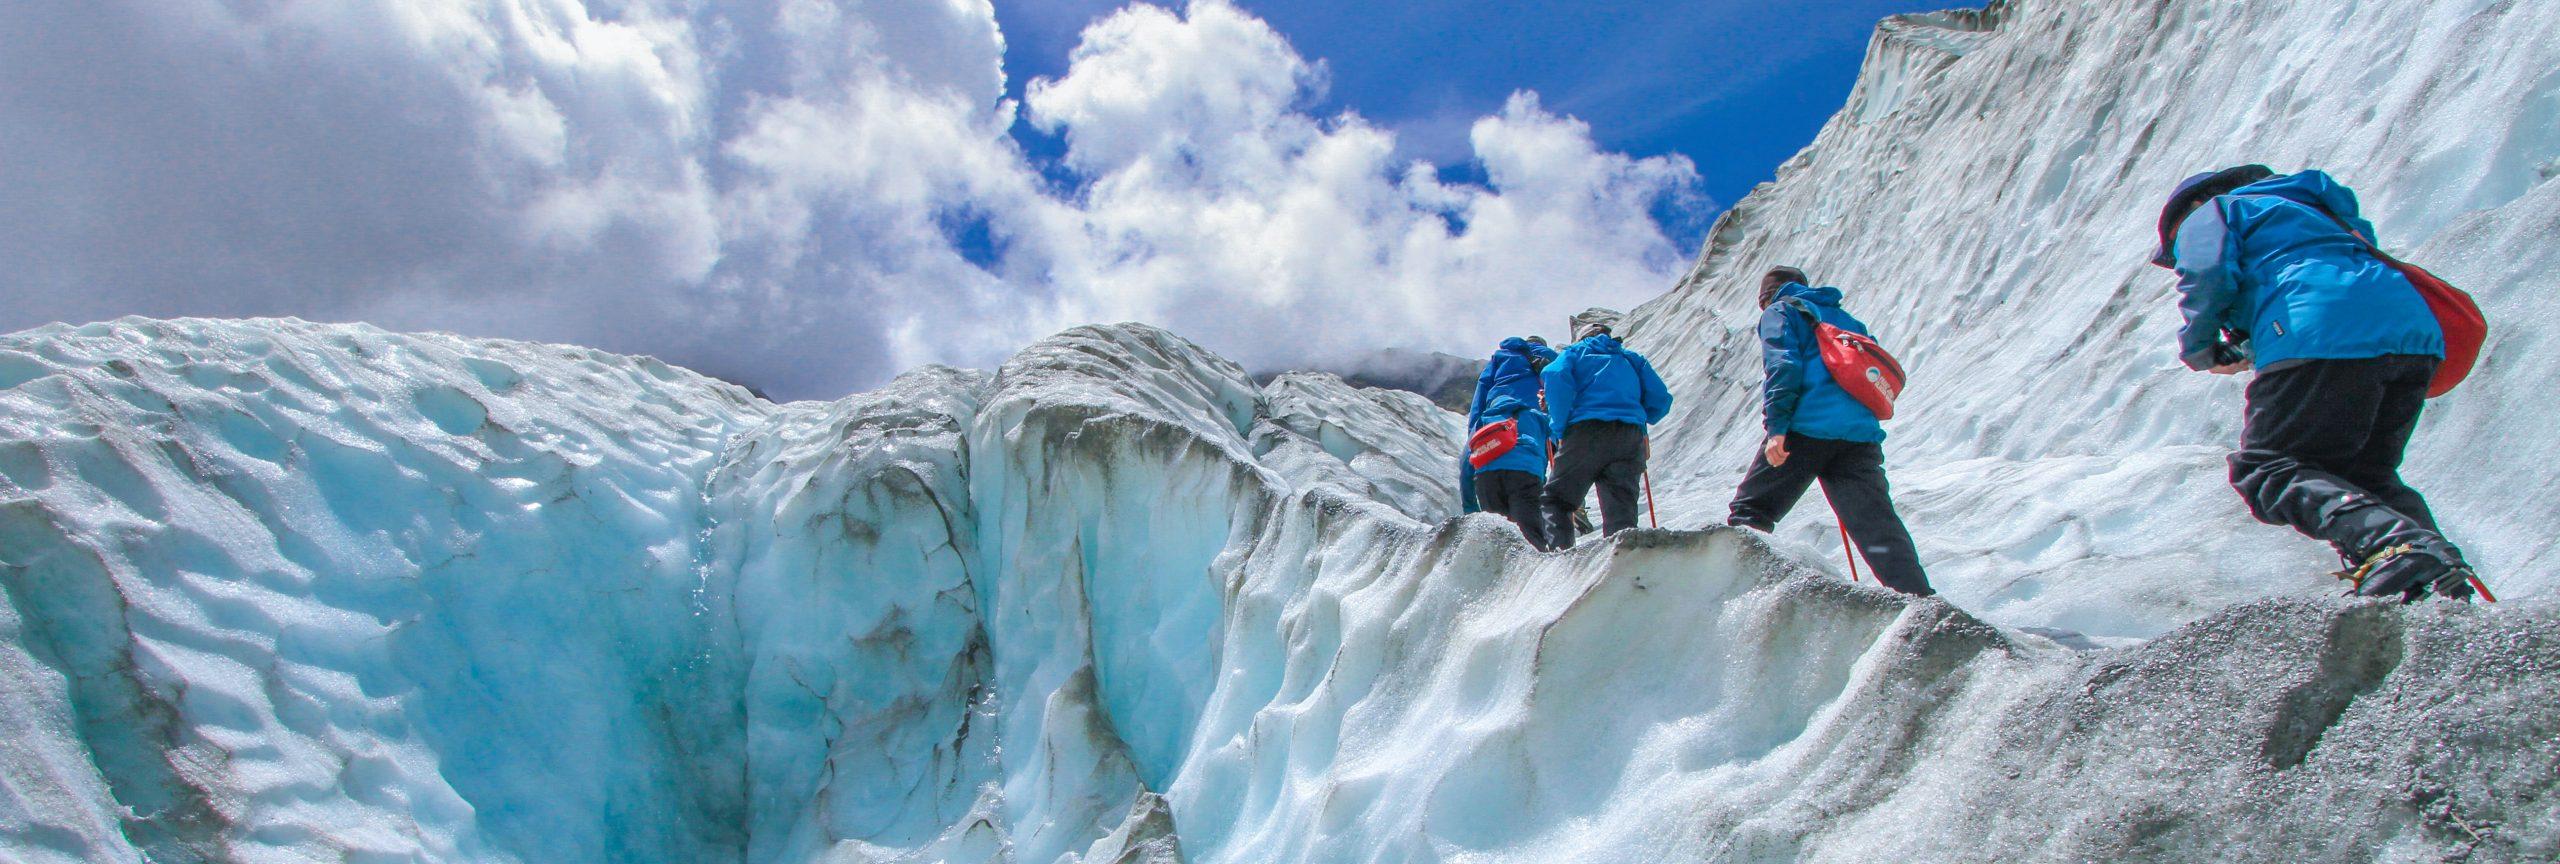 gletsjerwandeling - De Planeet Reizen